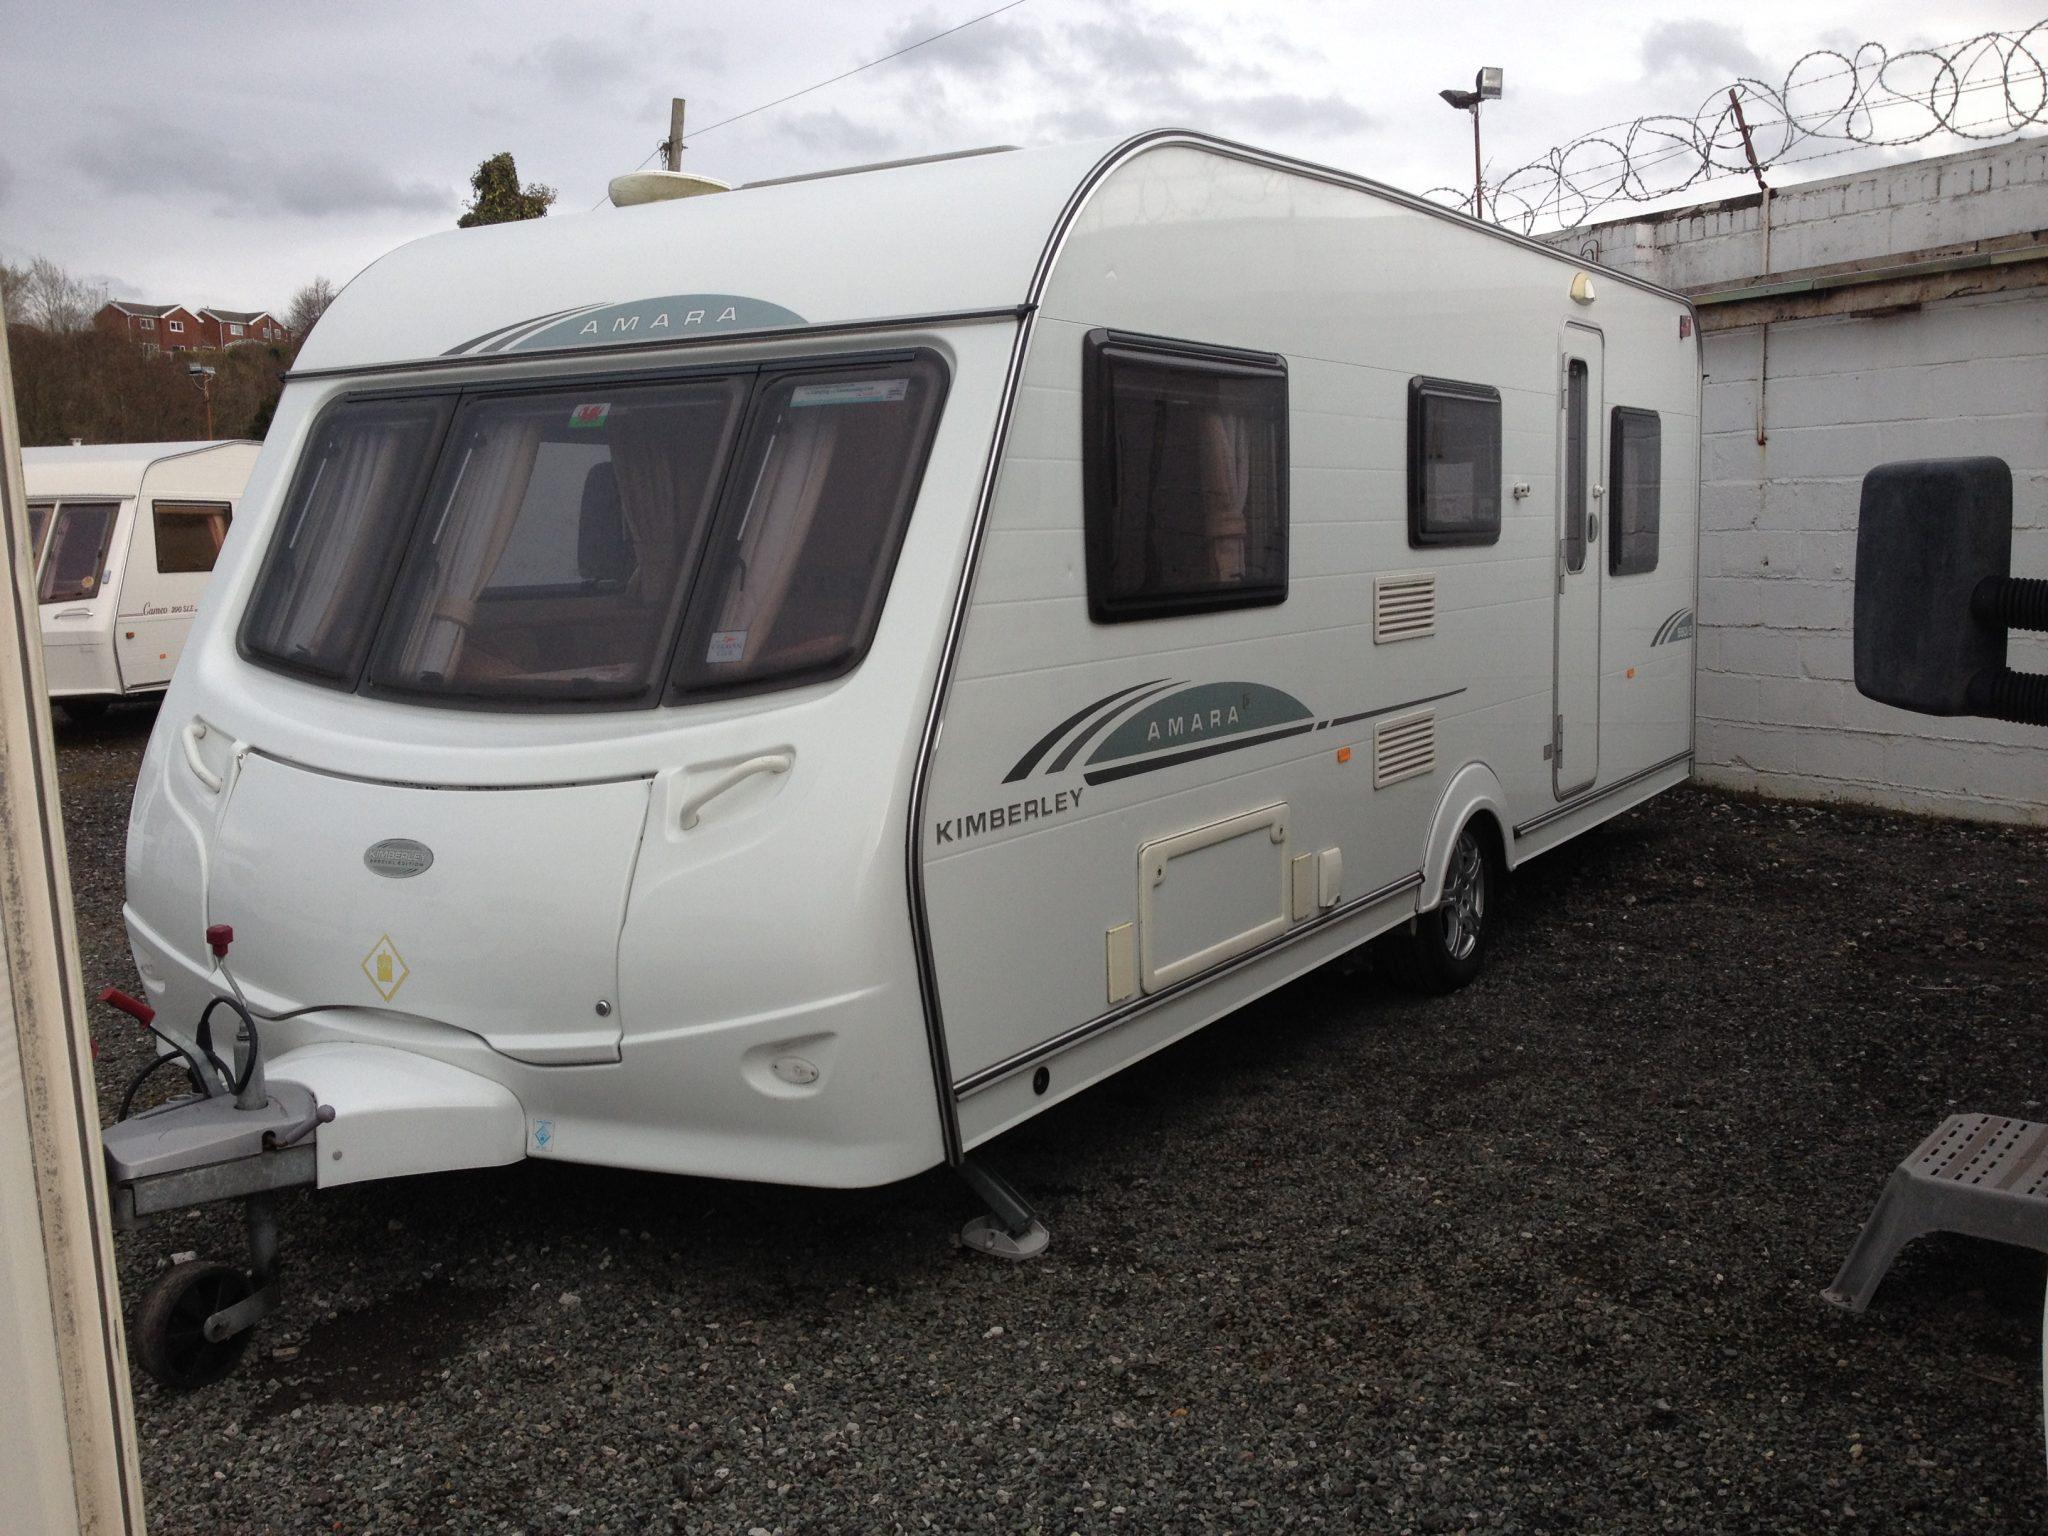 Coachman Amara 550 apr 16